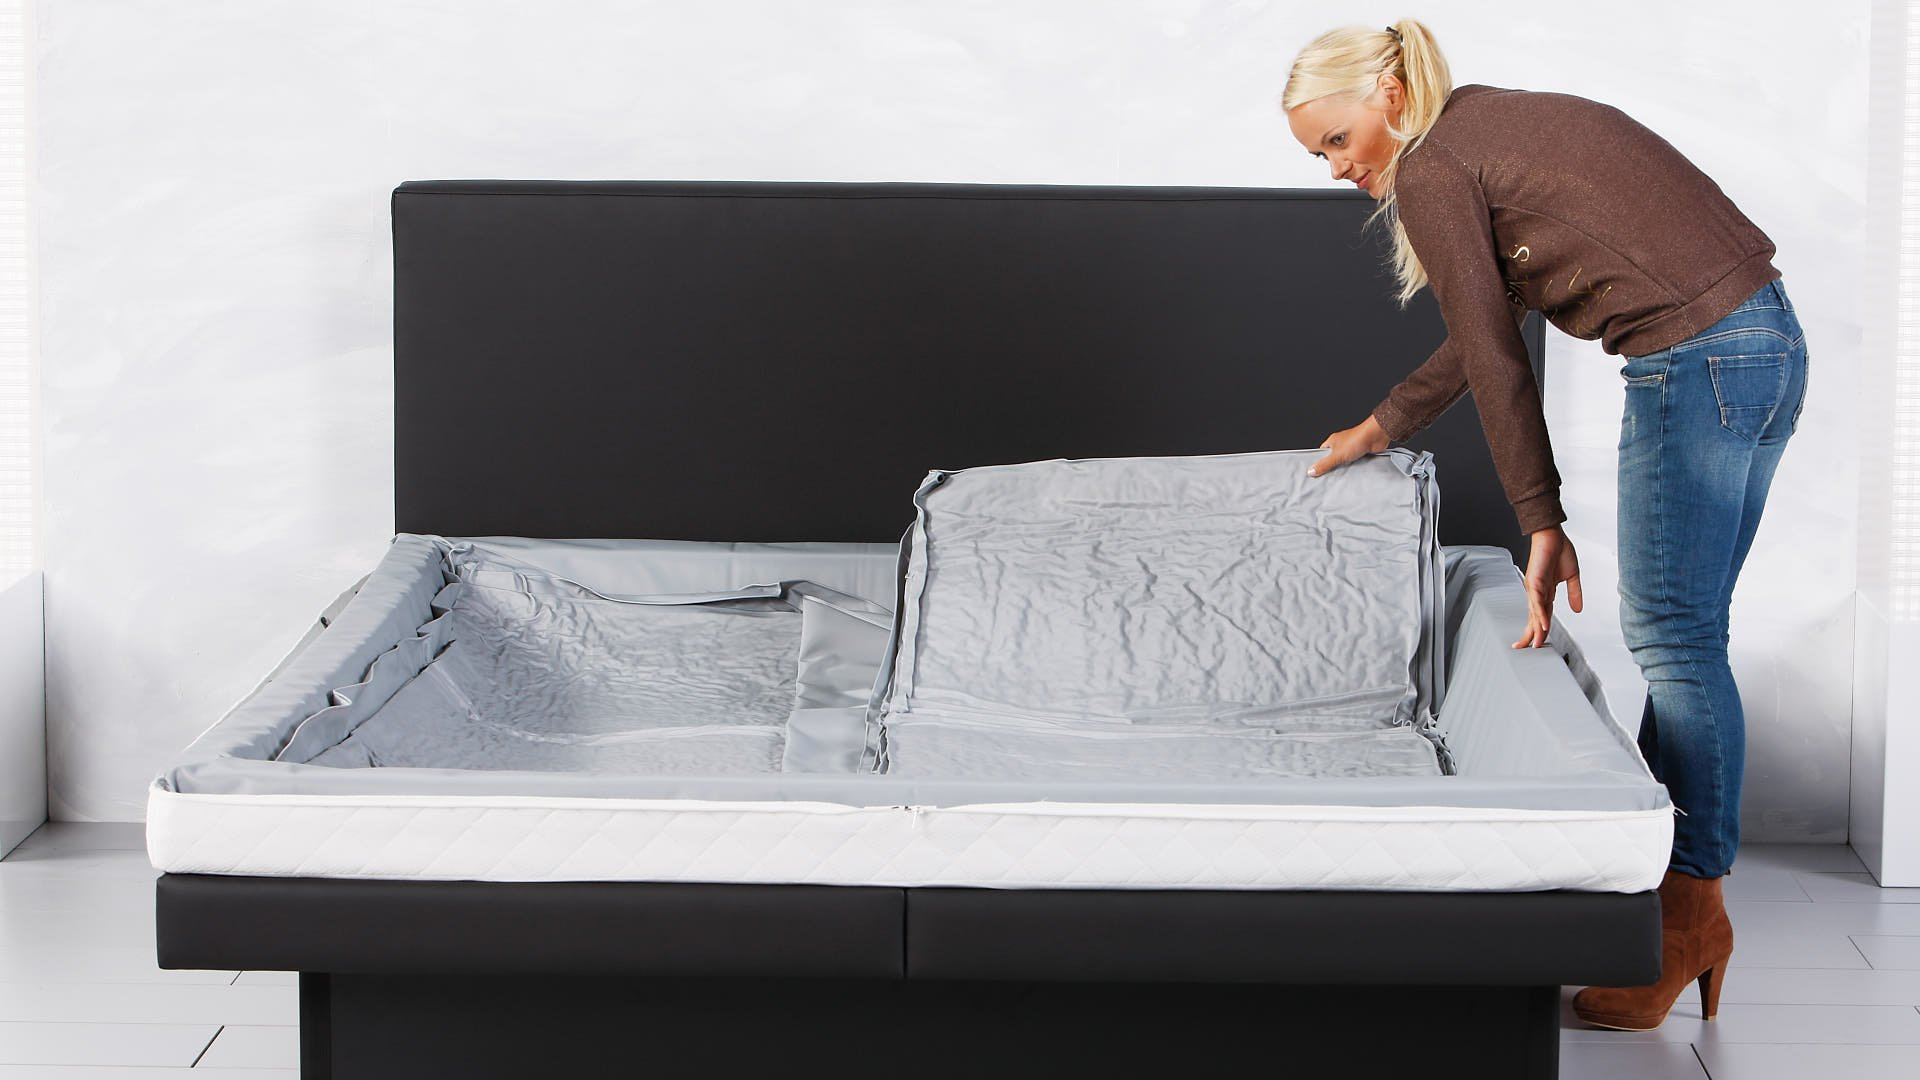 Wassermatratze zweite Hälfte von Duo in vollständigem Wasserbett